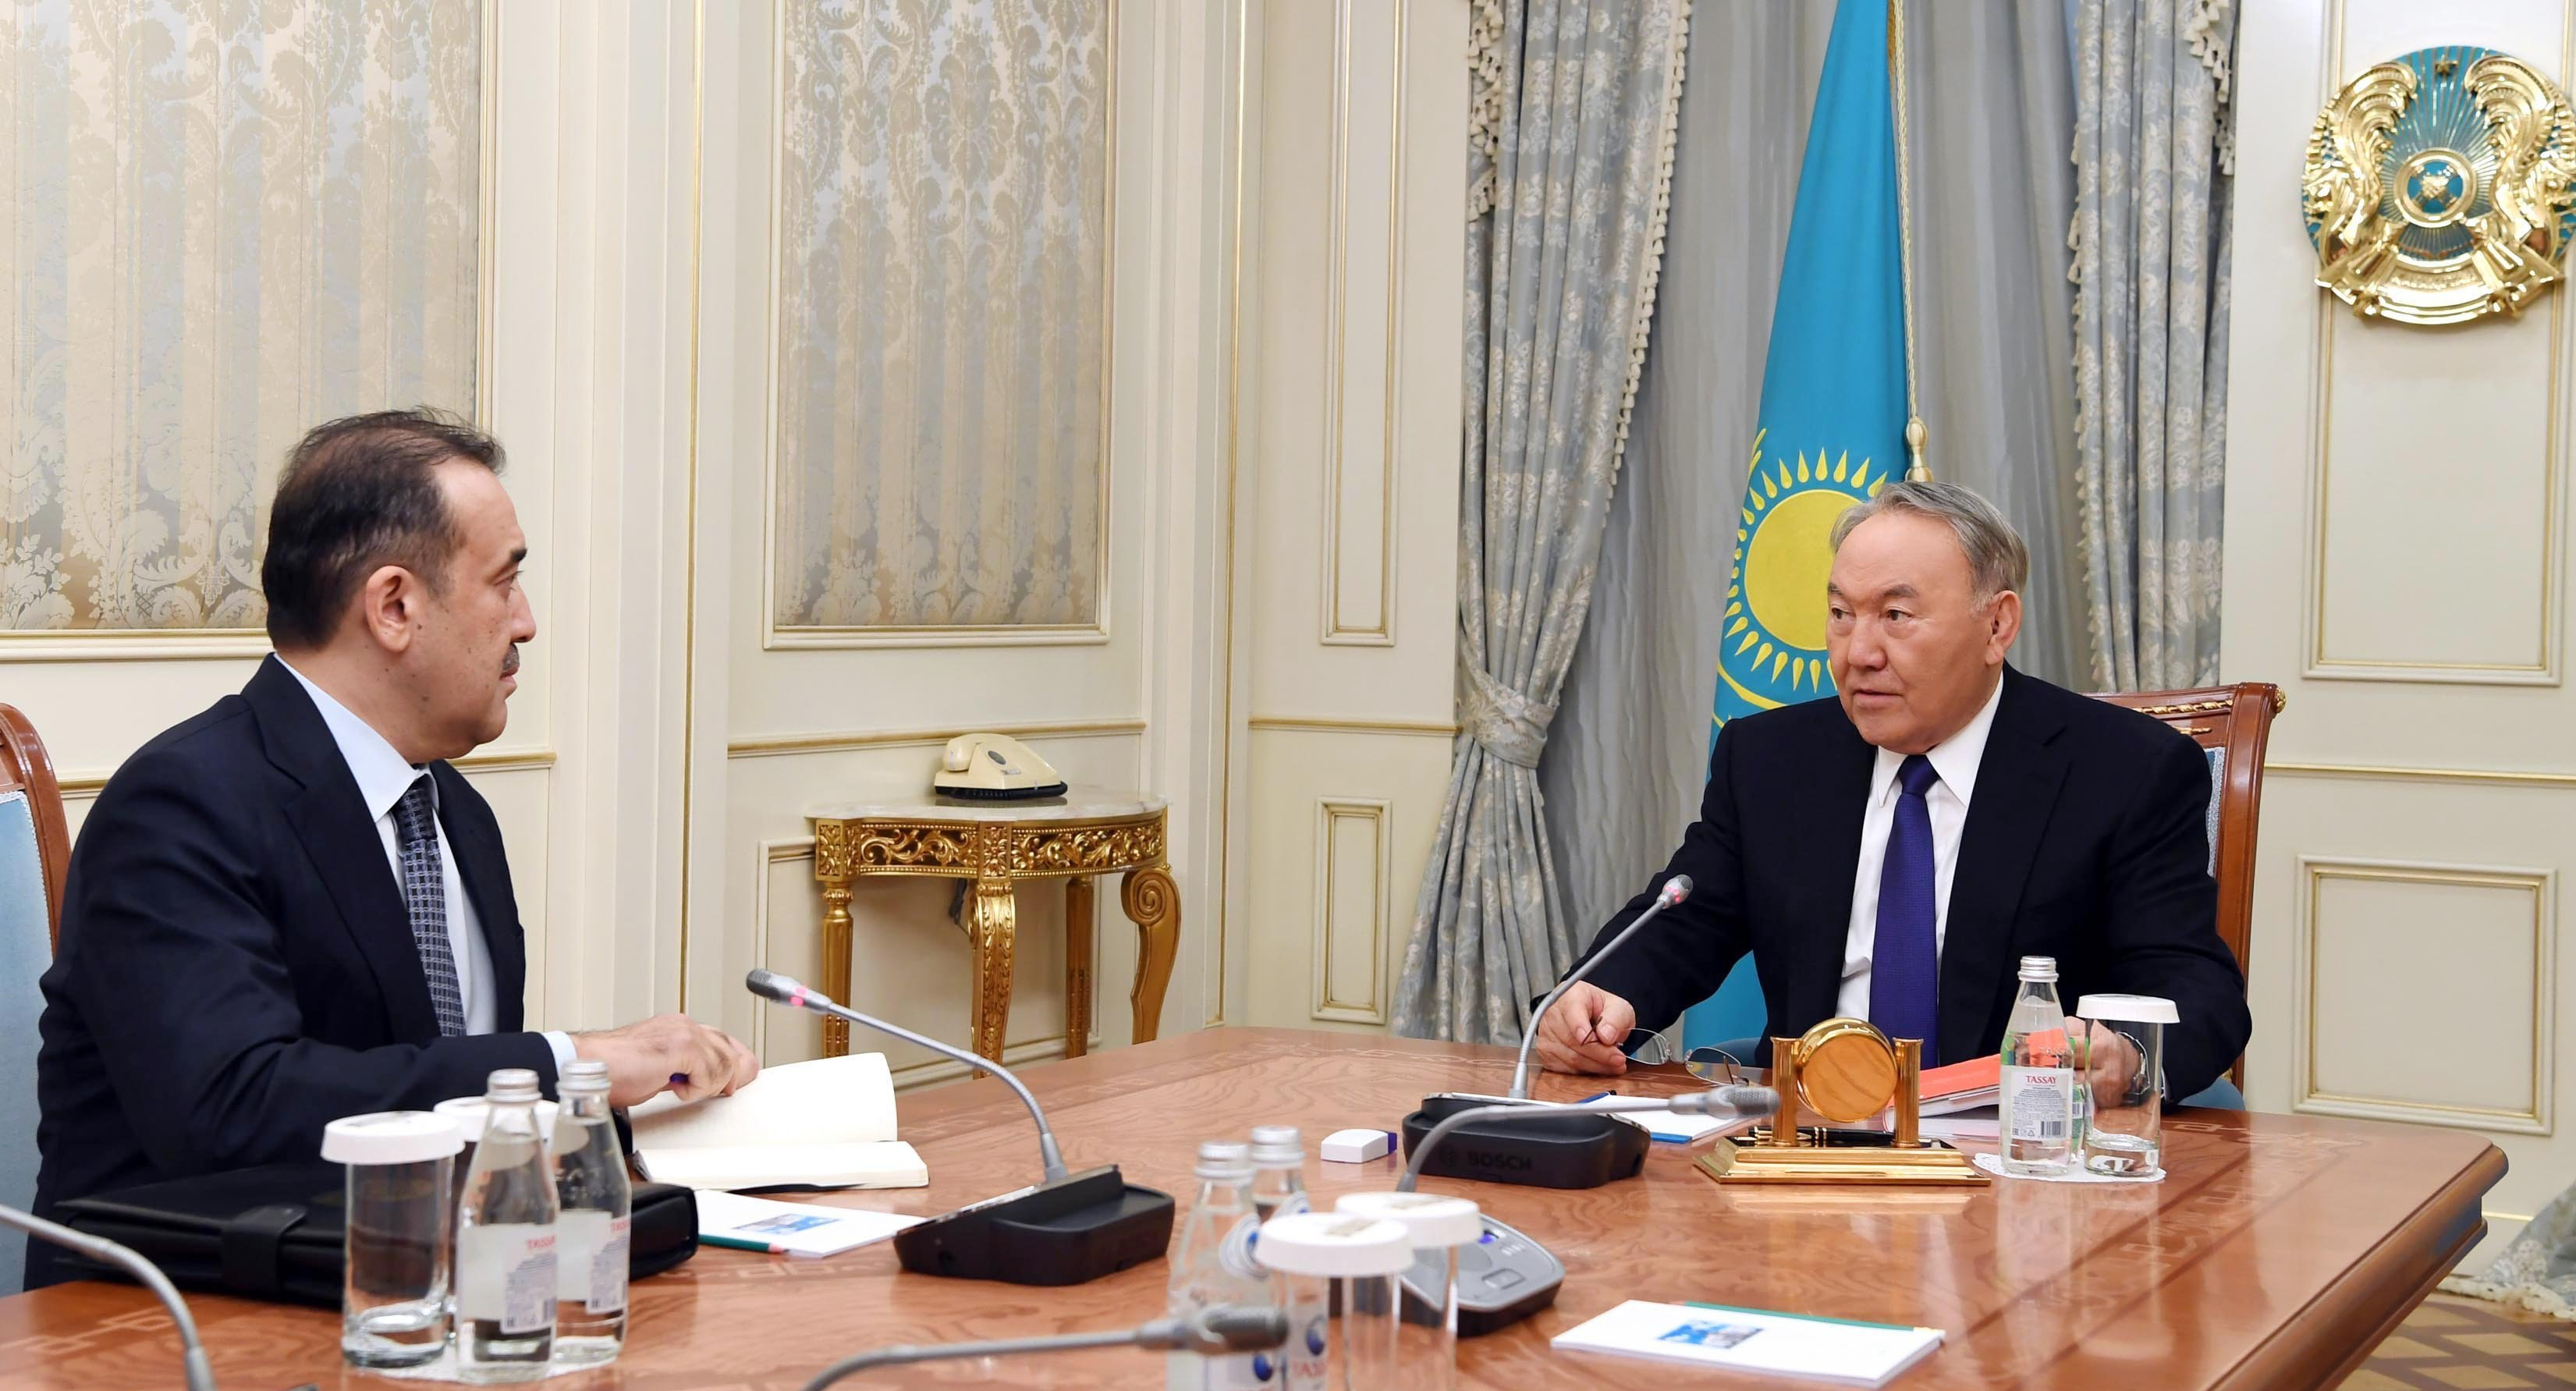 Президент Нурсултан Назарбаев провел встречу с председателем Комитета национальной безопасности Каримом Масимовым